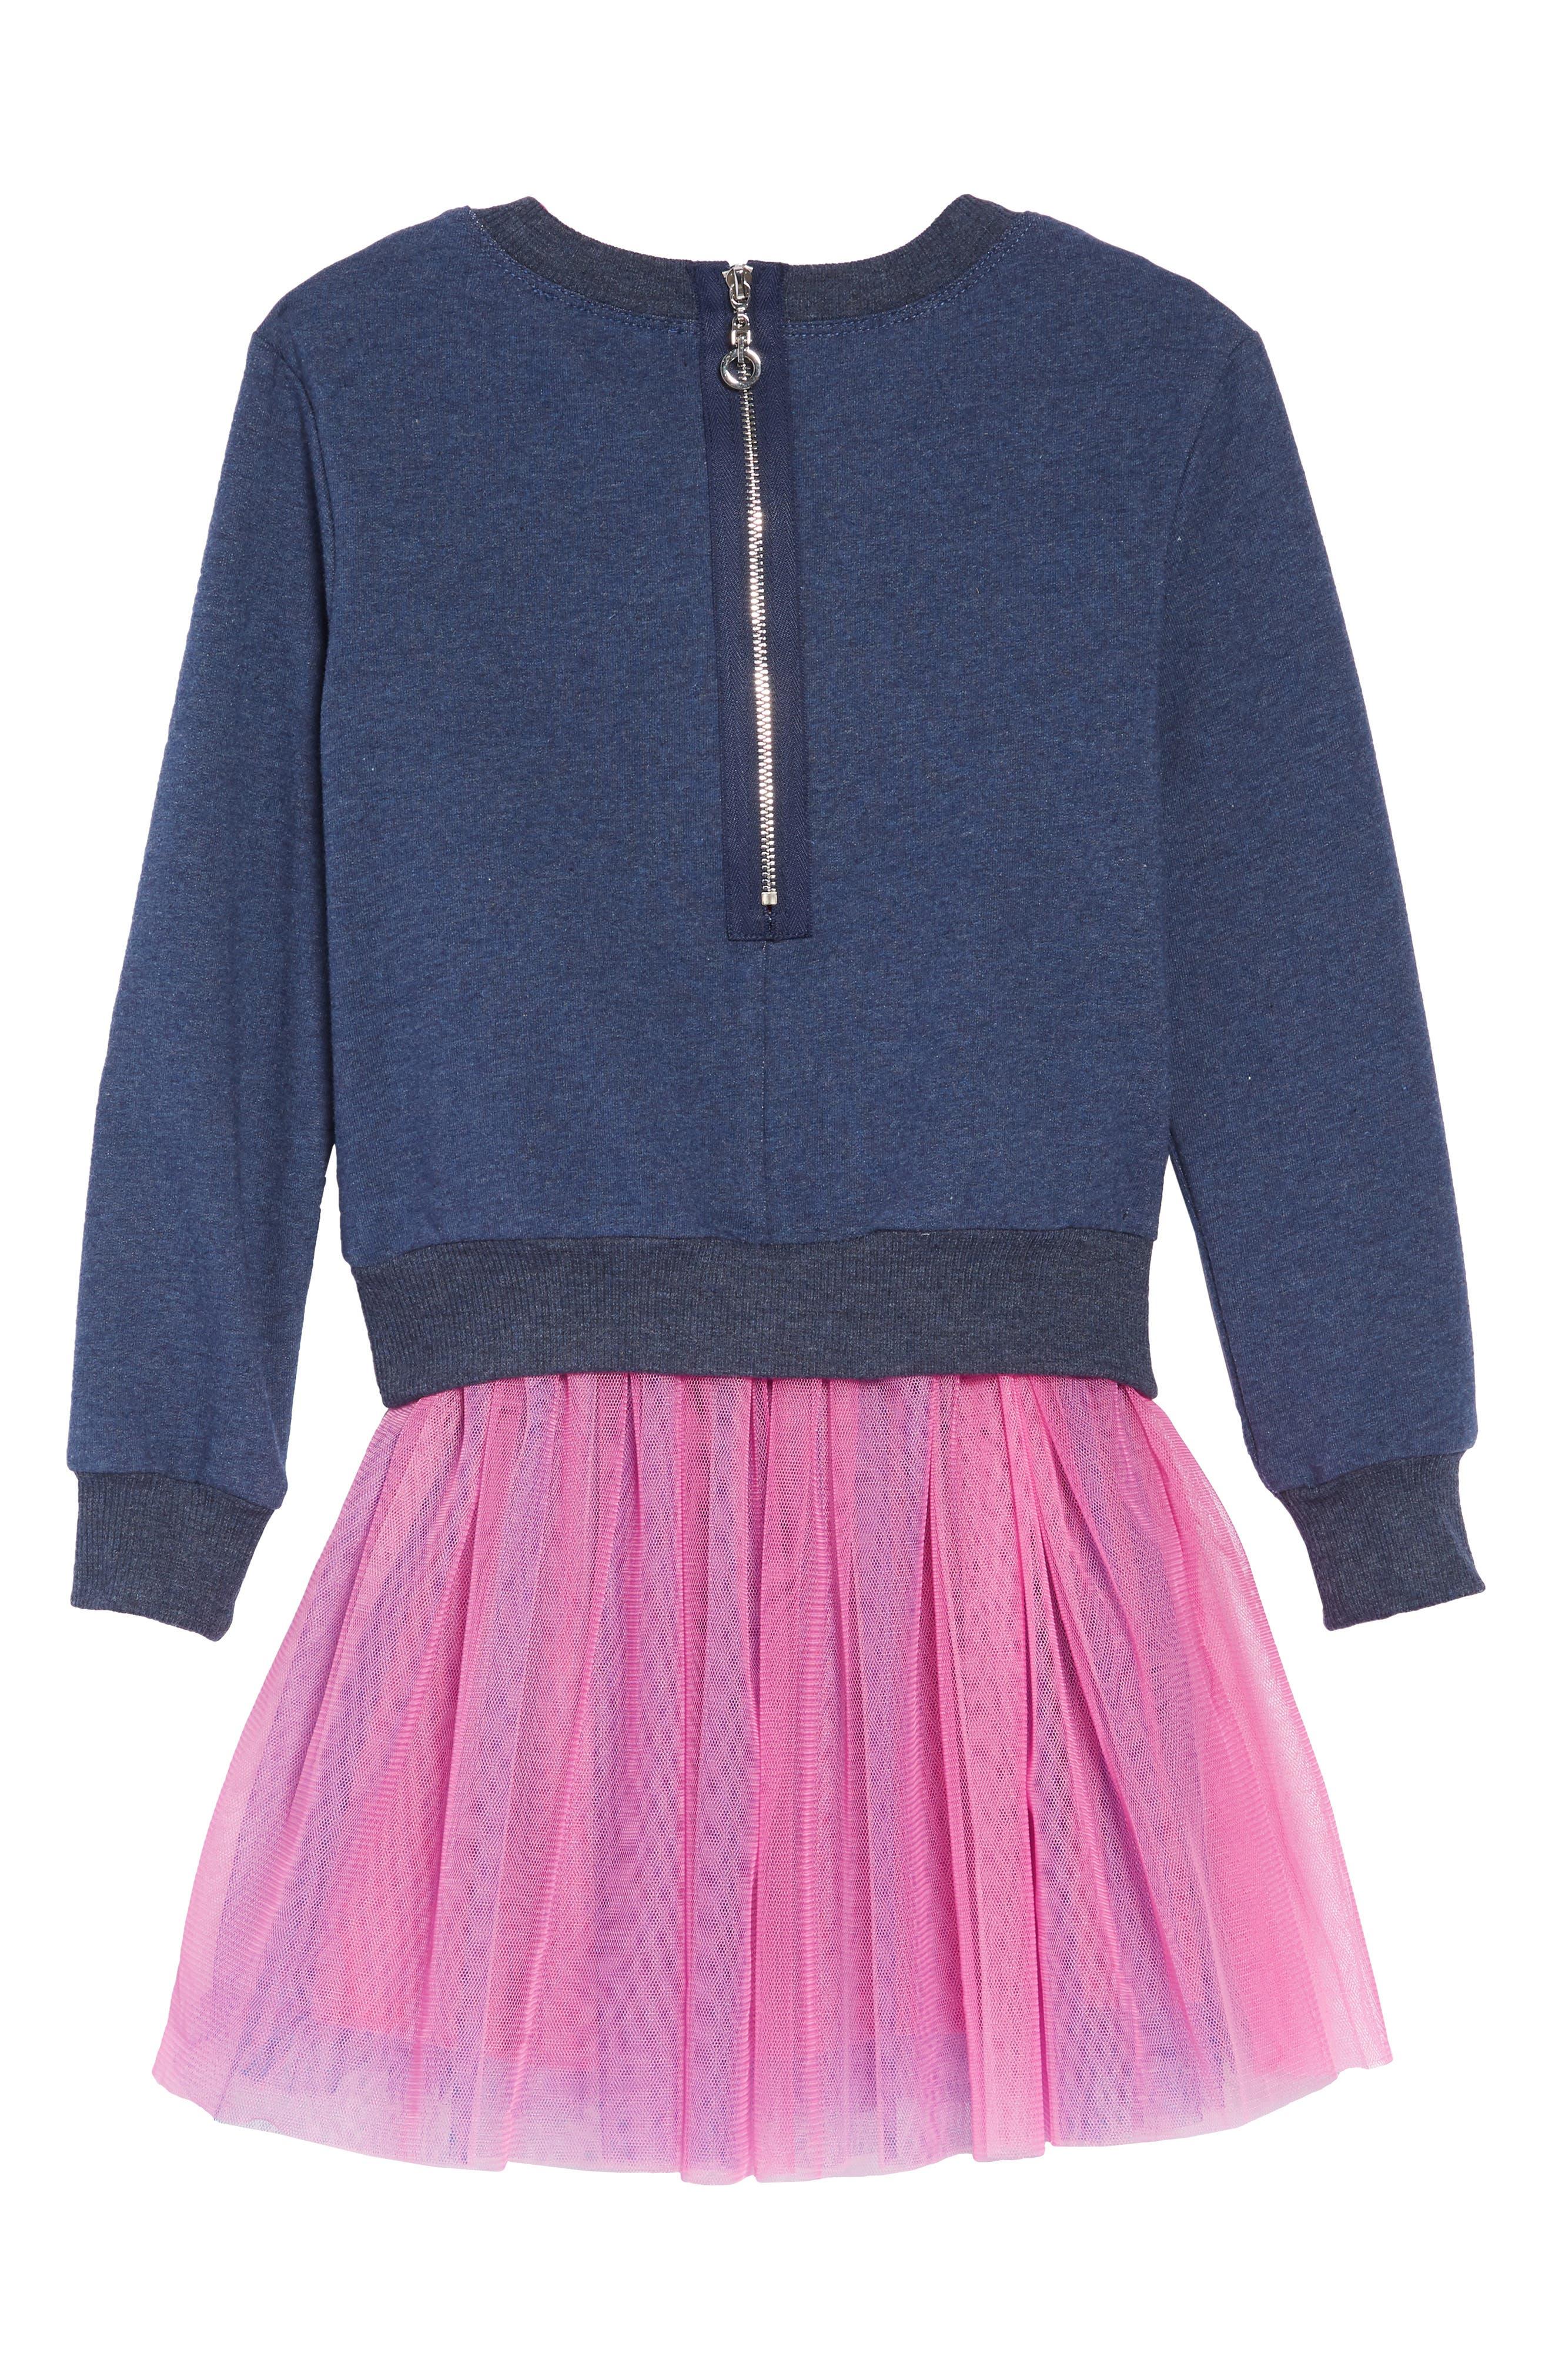 Appliqué Top & Tutu Dress Set,                             Alternate thumbnail 3, color,                             418